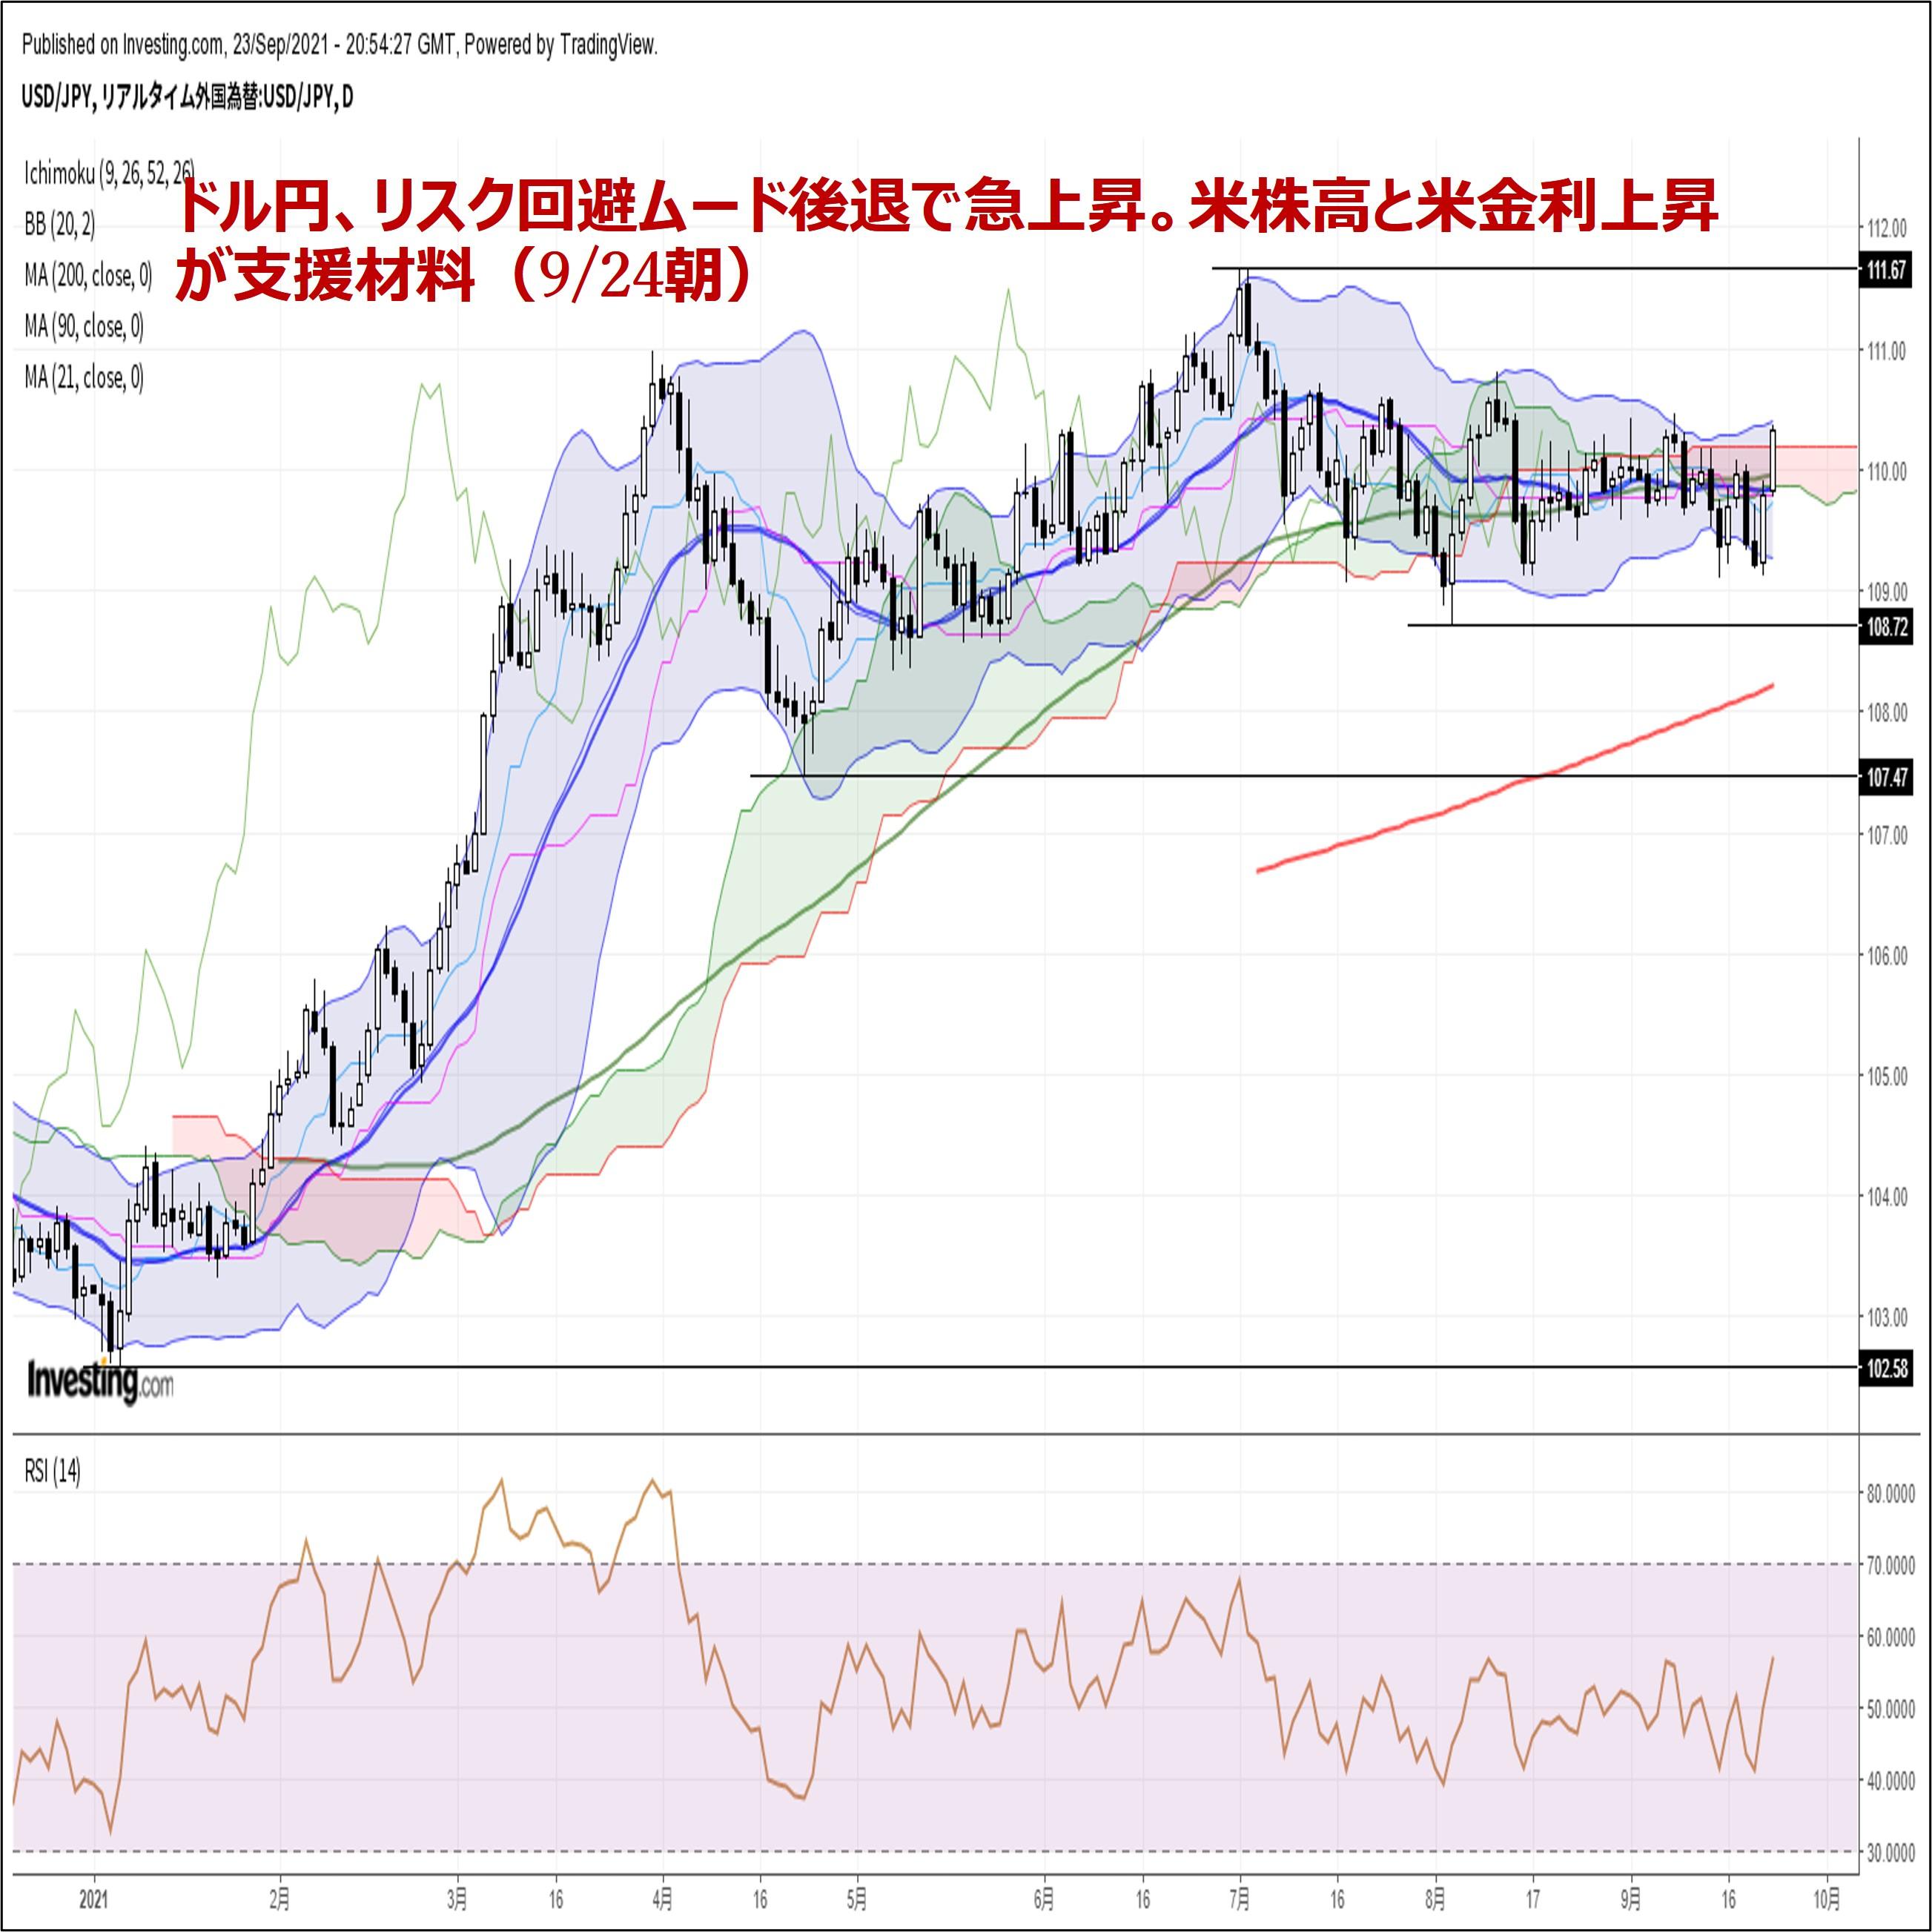 ドル円、リスク回避ムード後退で急上昇。米株高と米金利上昇が支援材料(9/24朝)